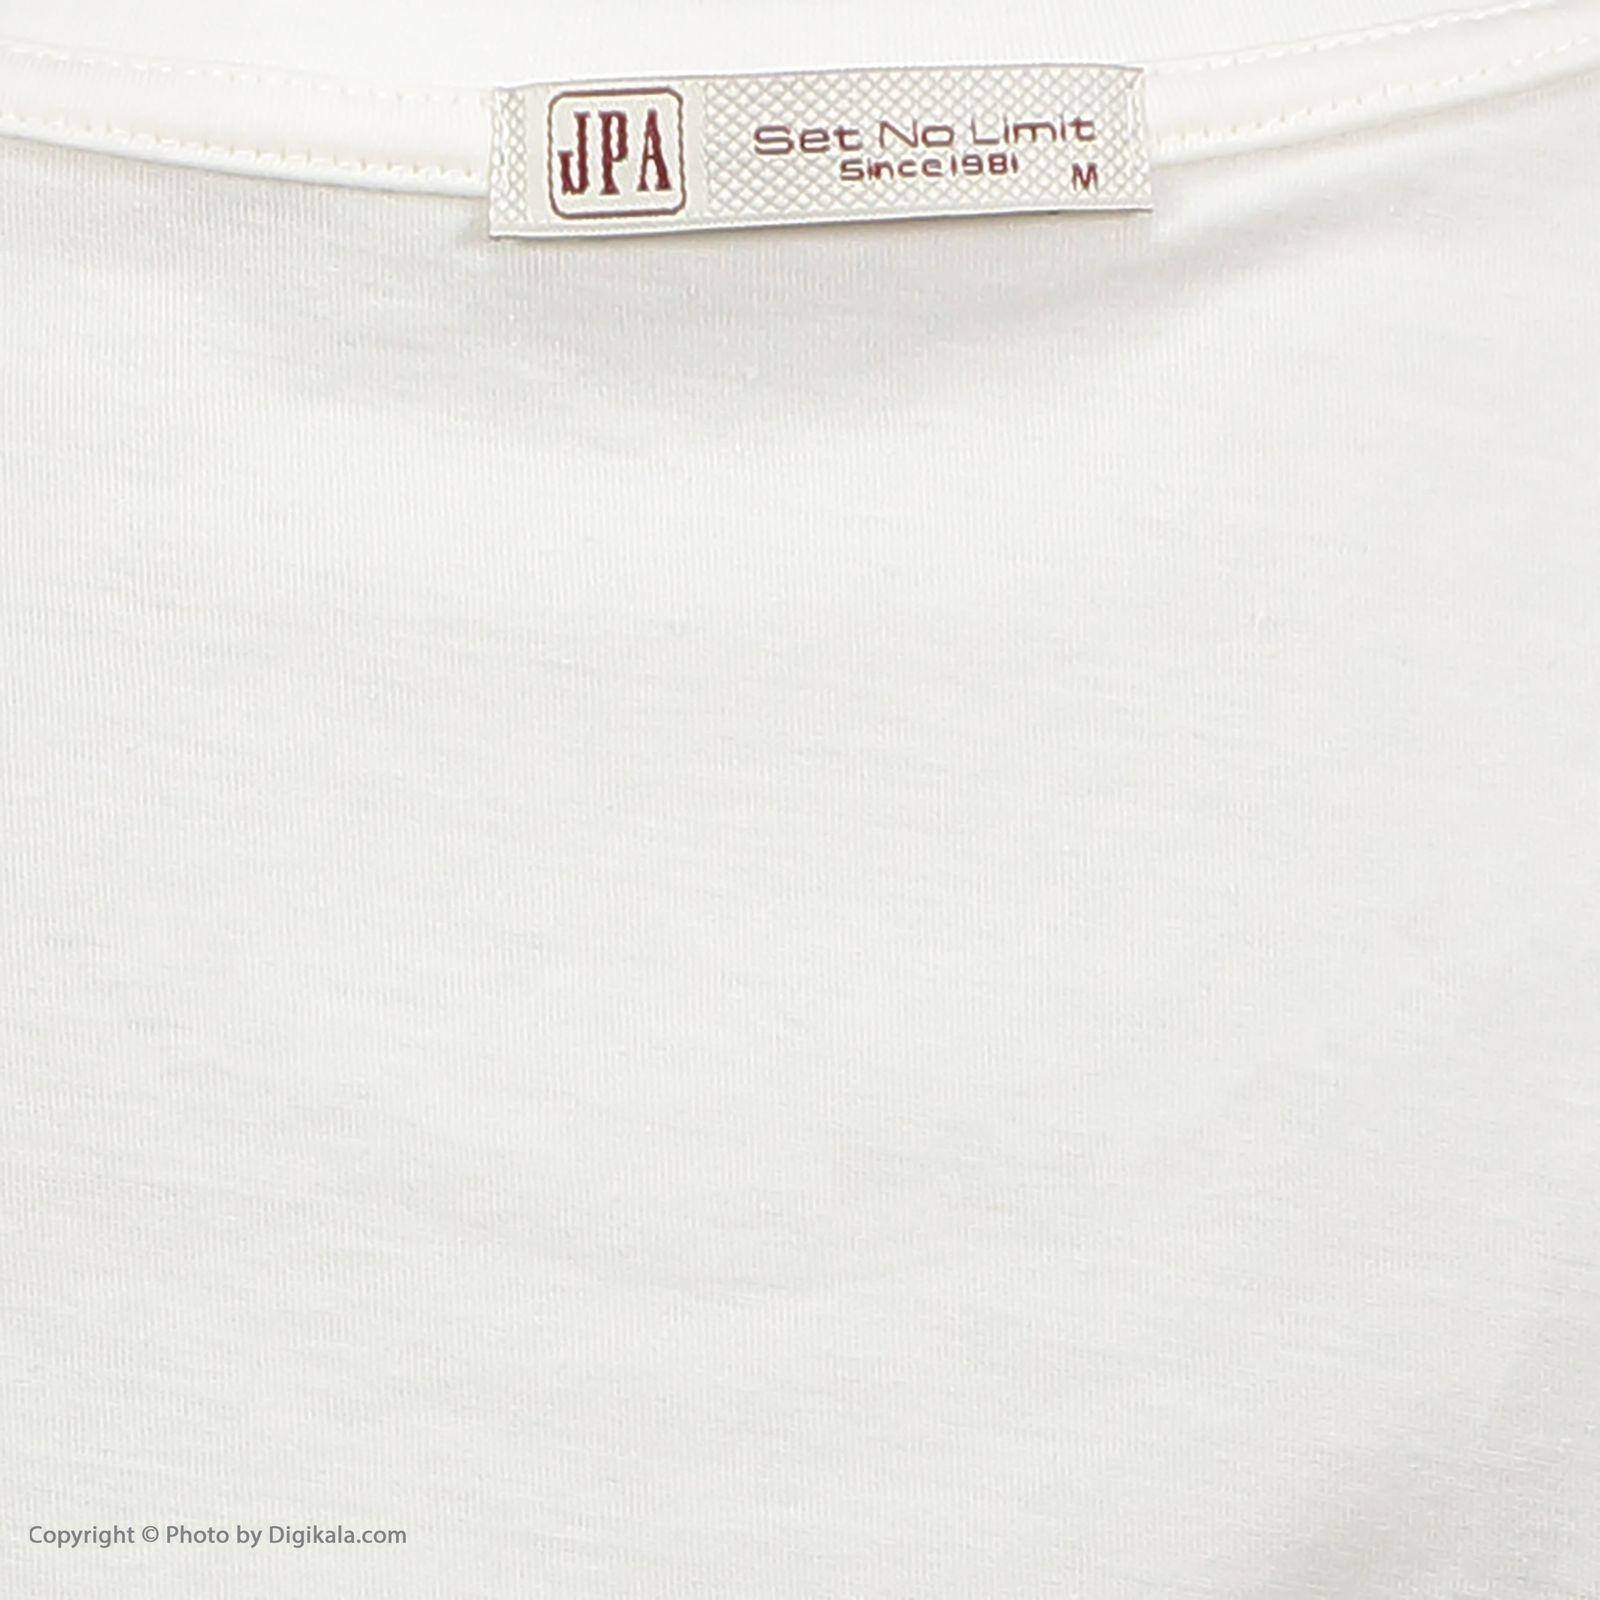 تی شرت زنانه جامه پوش آرا مدل 4012019475-05 -  - 7